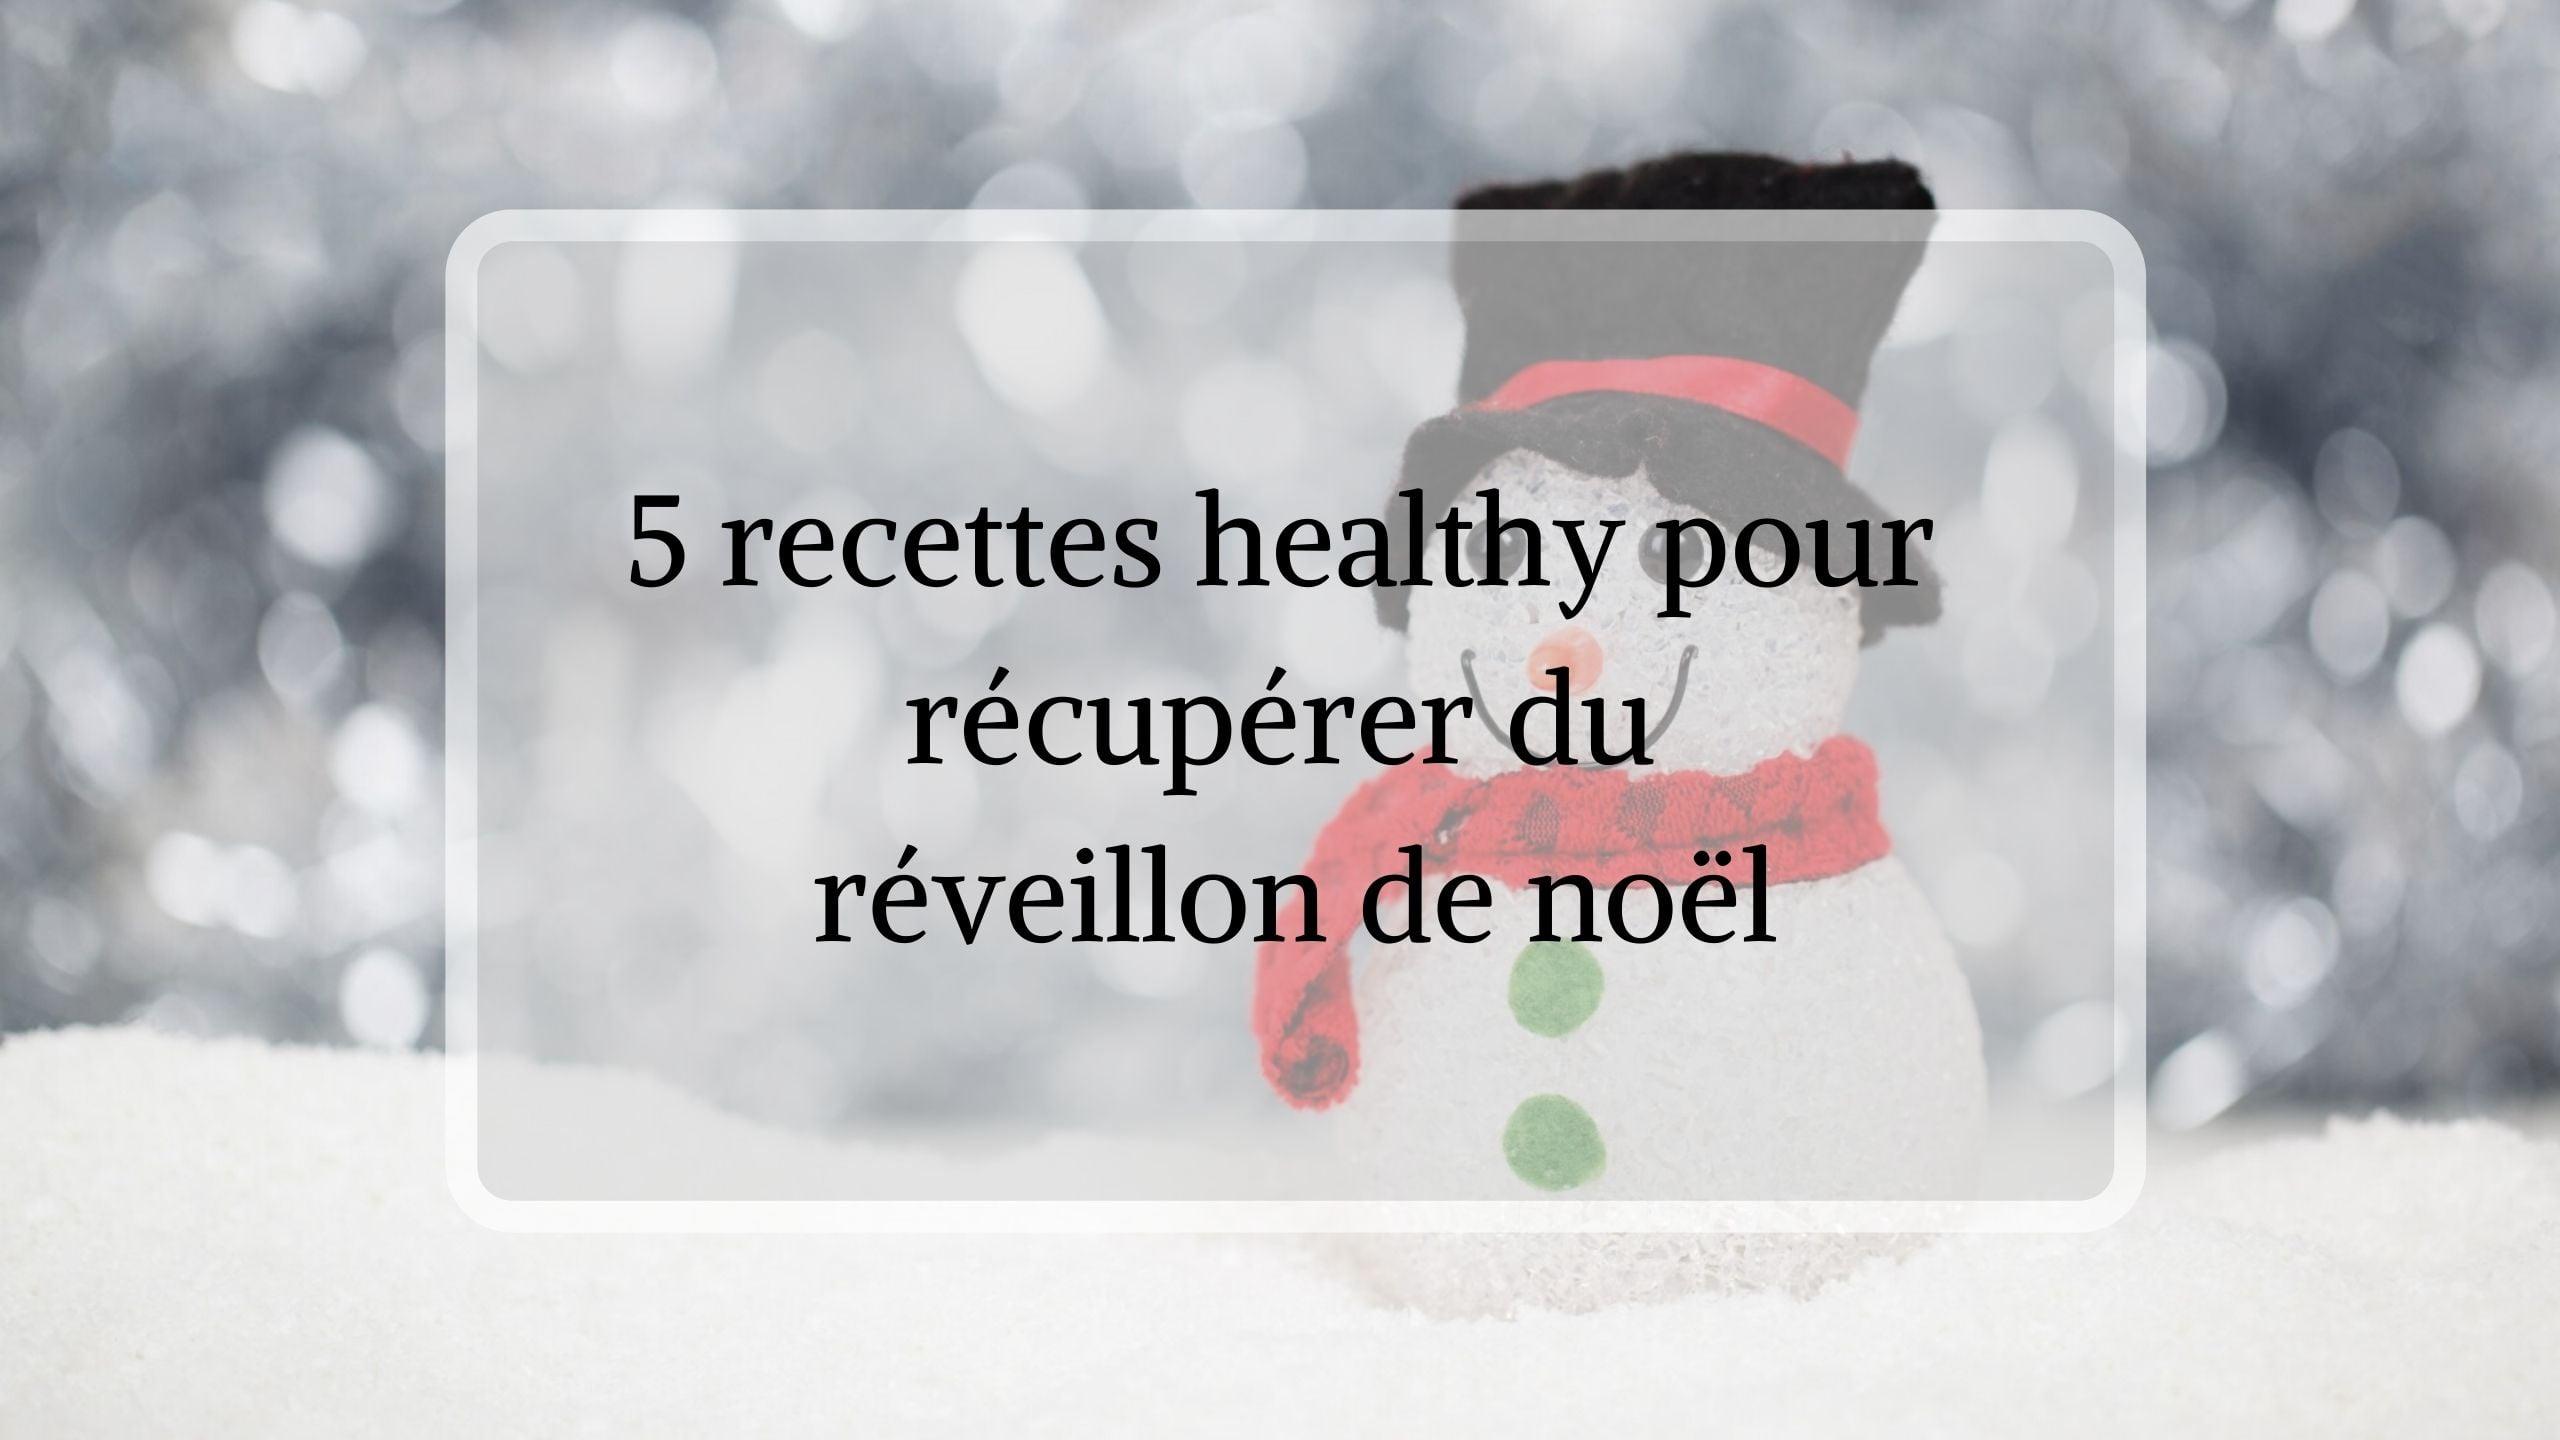 5 recettes pour l'après fêtes